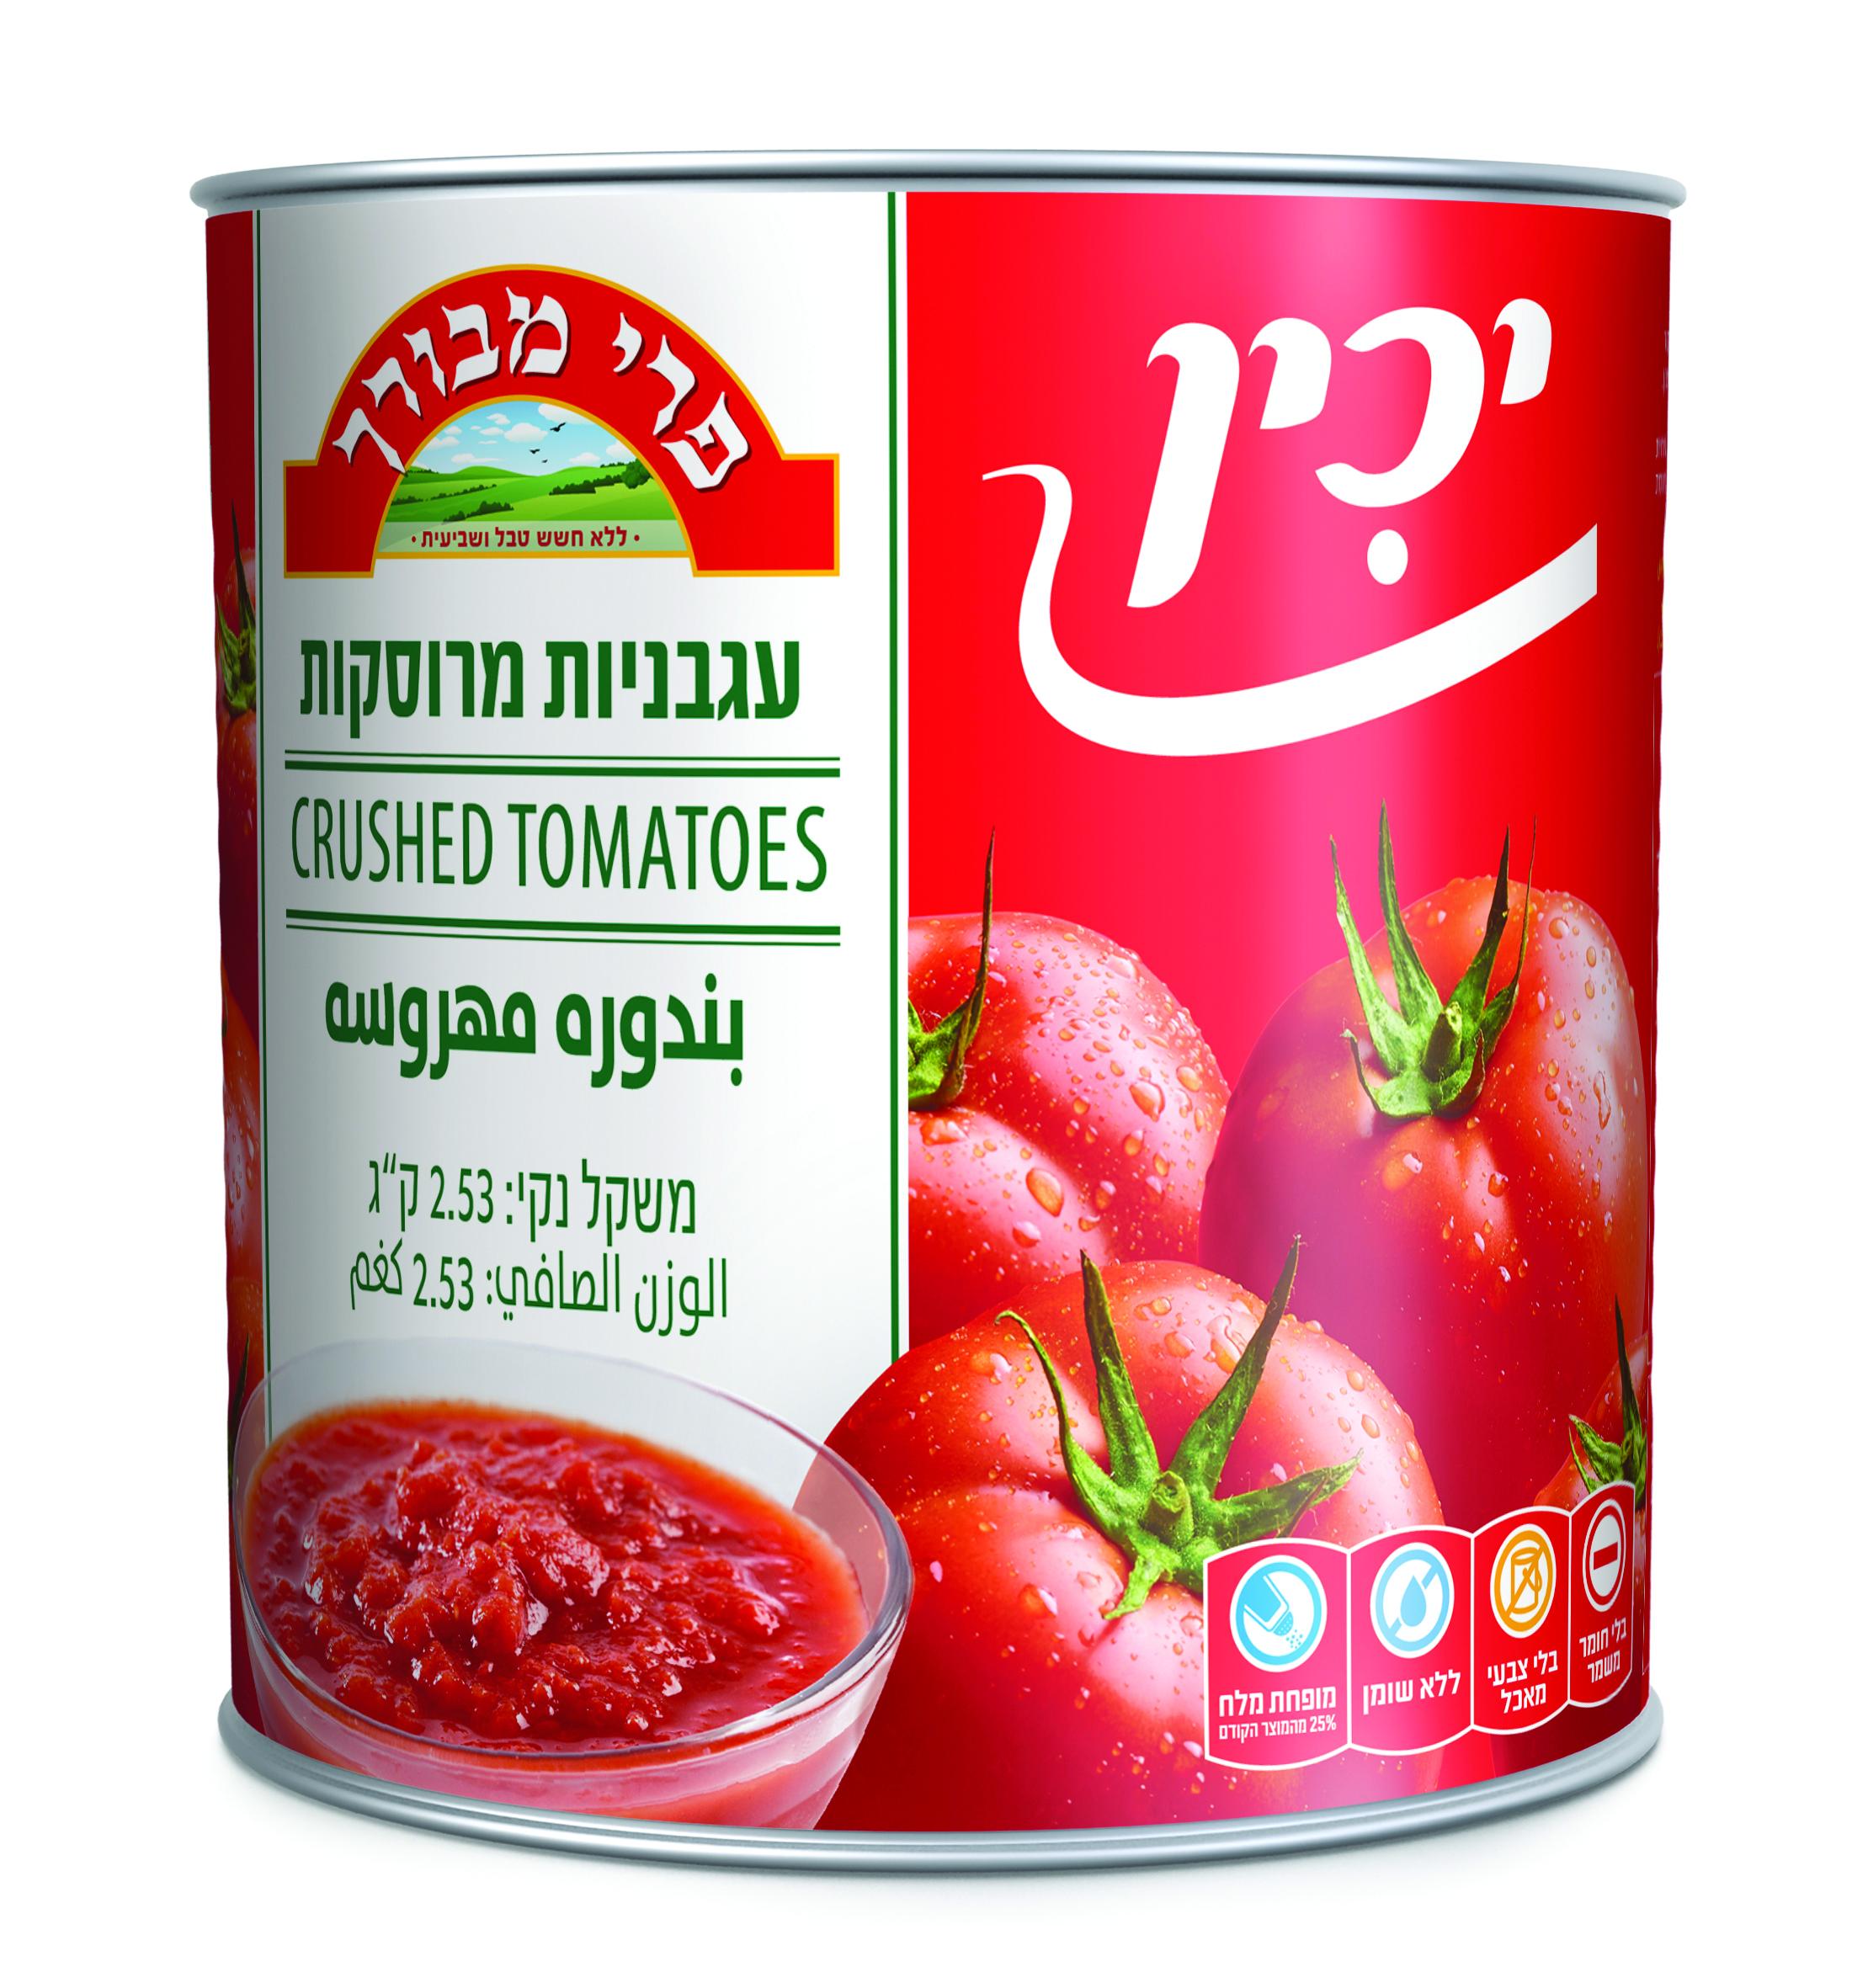 עגבניות מרוסקות 2.53 ק